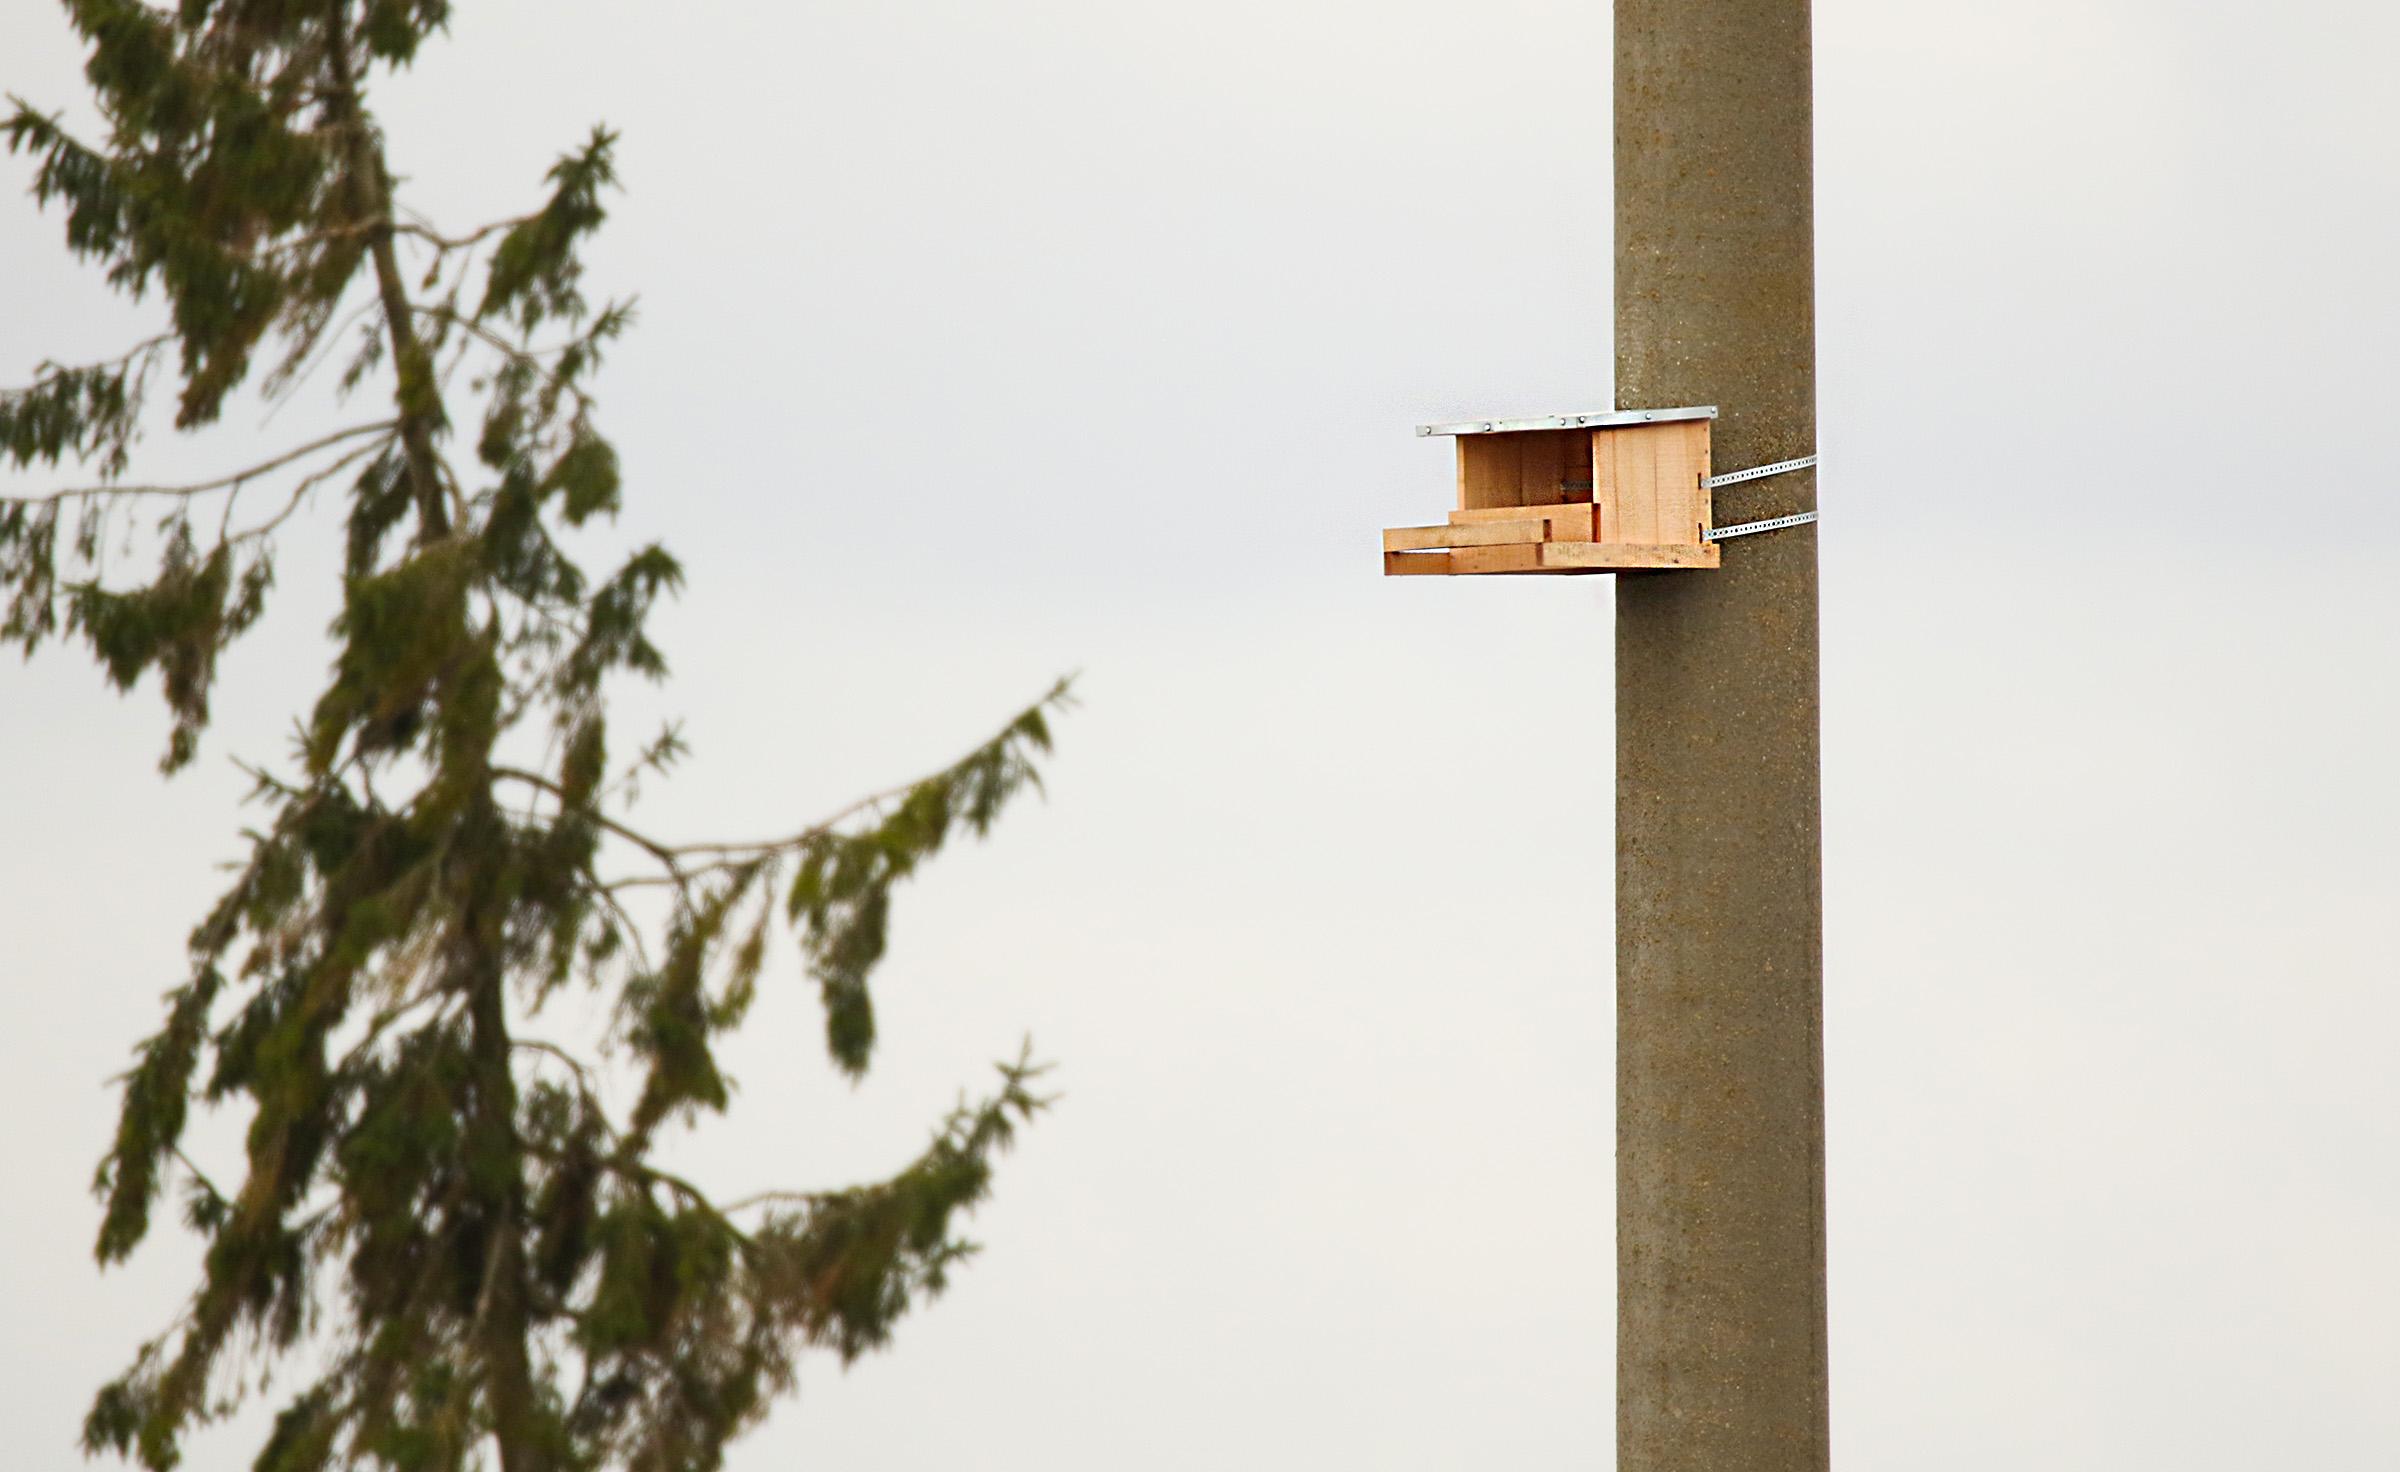 Projekto numatytas paukščių apsaugos priemonių diegimas šalies aukštos įtampos elektros perdavimo tinkle artėja prie pabaigos